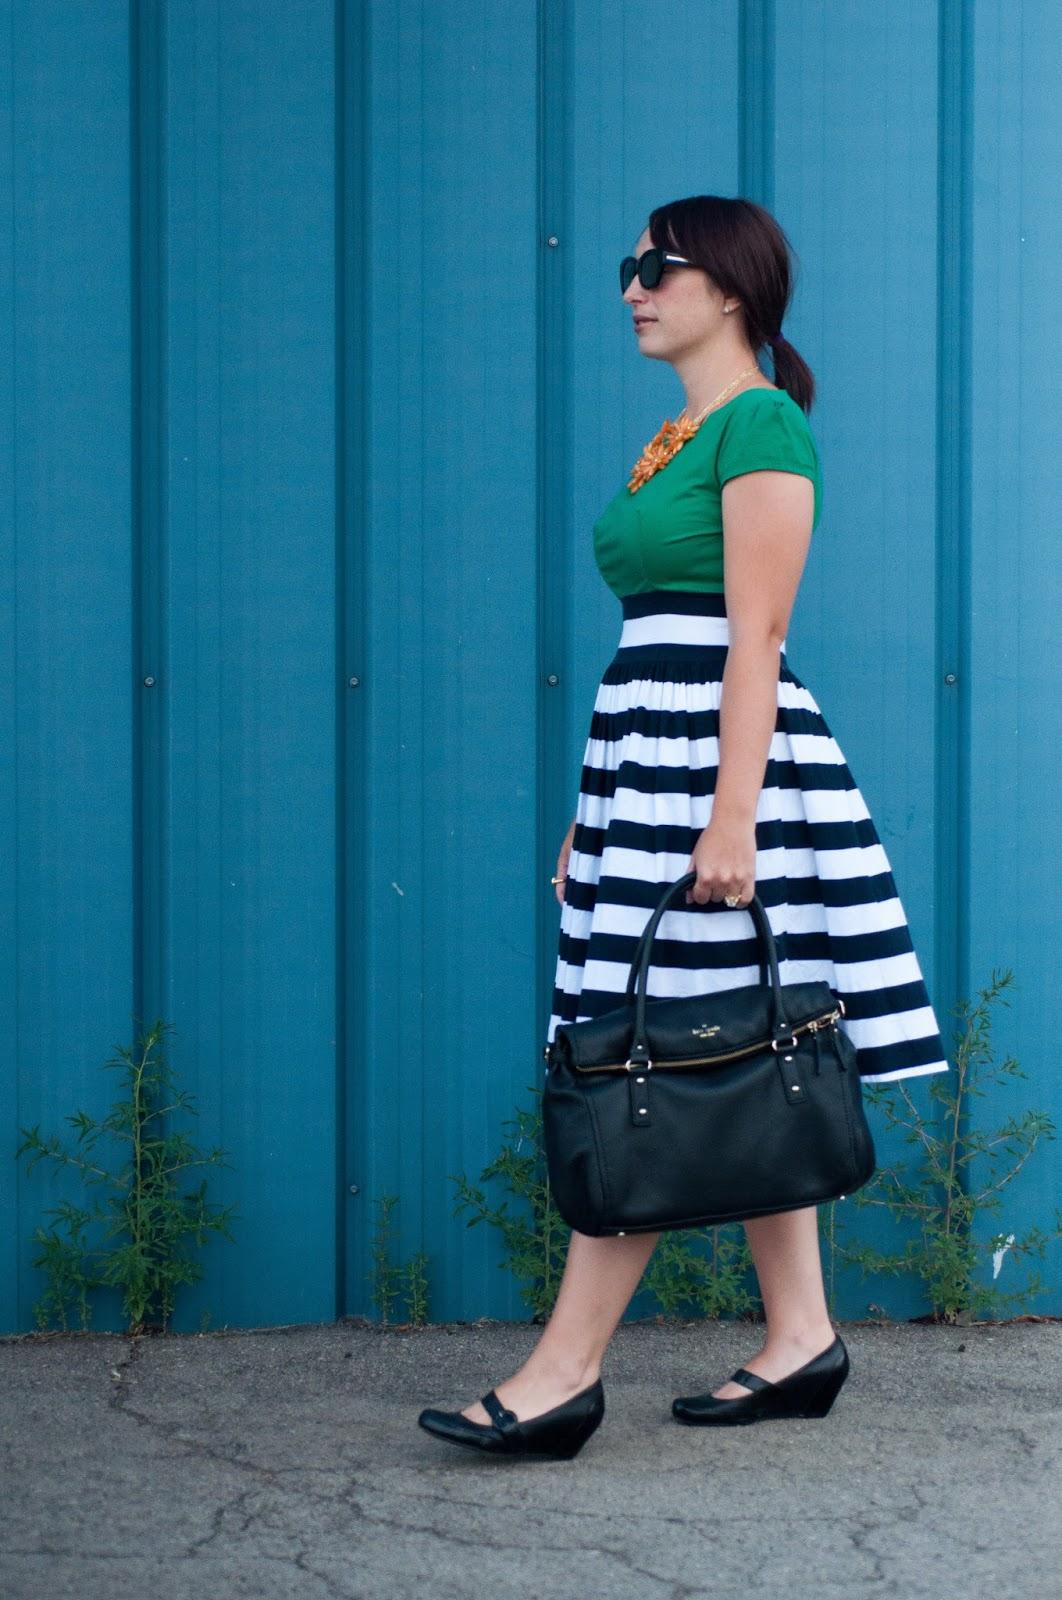 shabby apple gondola dress, shabby apple dress, stripe dress, kate spade handbag, karen walker sunglasses, ootd